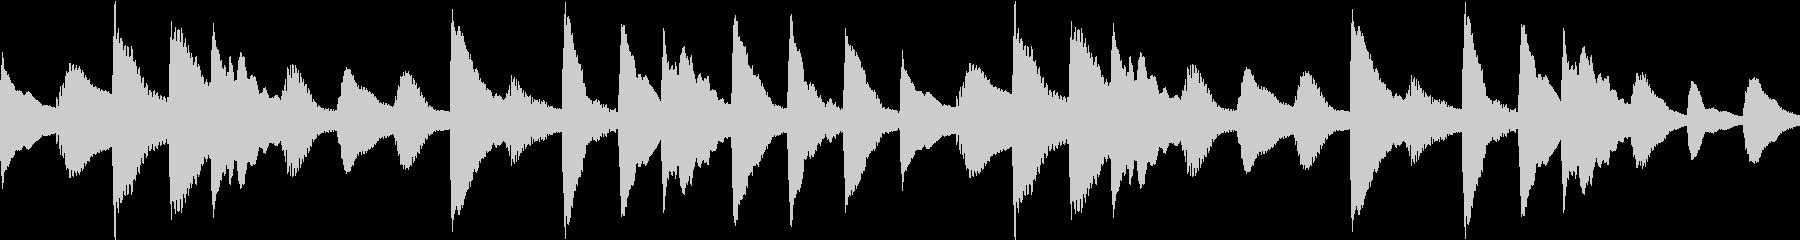 ほのぼのした日常02 マリンバ(ループ)の未再生の波形